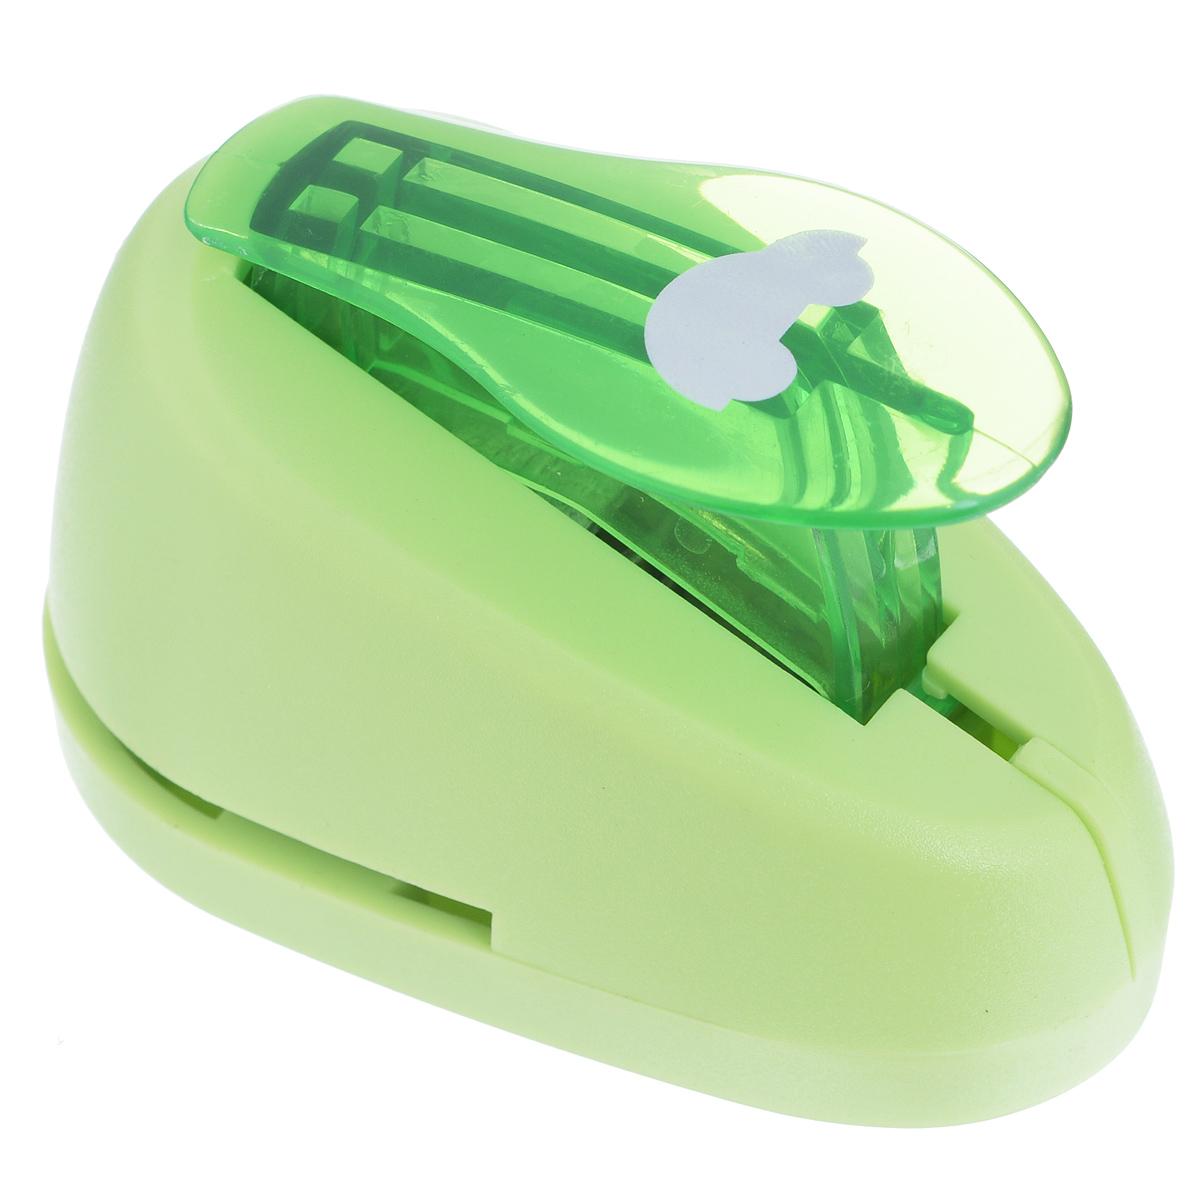 Дырокол фигурный Астра Машинка. CD-99S7709603_68Дырокол Астра Машинка поможет вам легко, просто и аккуратно вырезать много одинаковых мелких фигурок. Режущие части компостера закрыты пластмассовым корпусом, что обеспечивает безопасность для детей. Вырезанные фигурки накапливаются в специальном резервуаре. Можно использовать вырезанные мотивы как конфетти или для наклеивания. Дырокол подходит для разных техник: декупажа, скрапбукинга, декорирования. Размер дырокола: 7 см х 4 см х 5 см. Размер готовой фигурки: 1,5 см х 1 см.